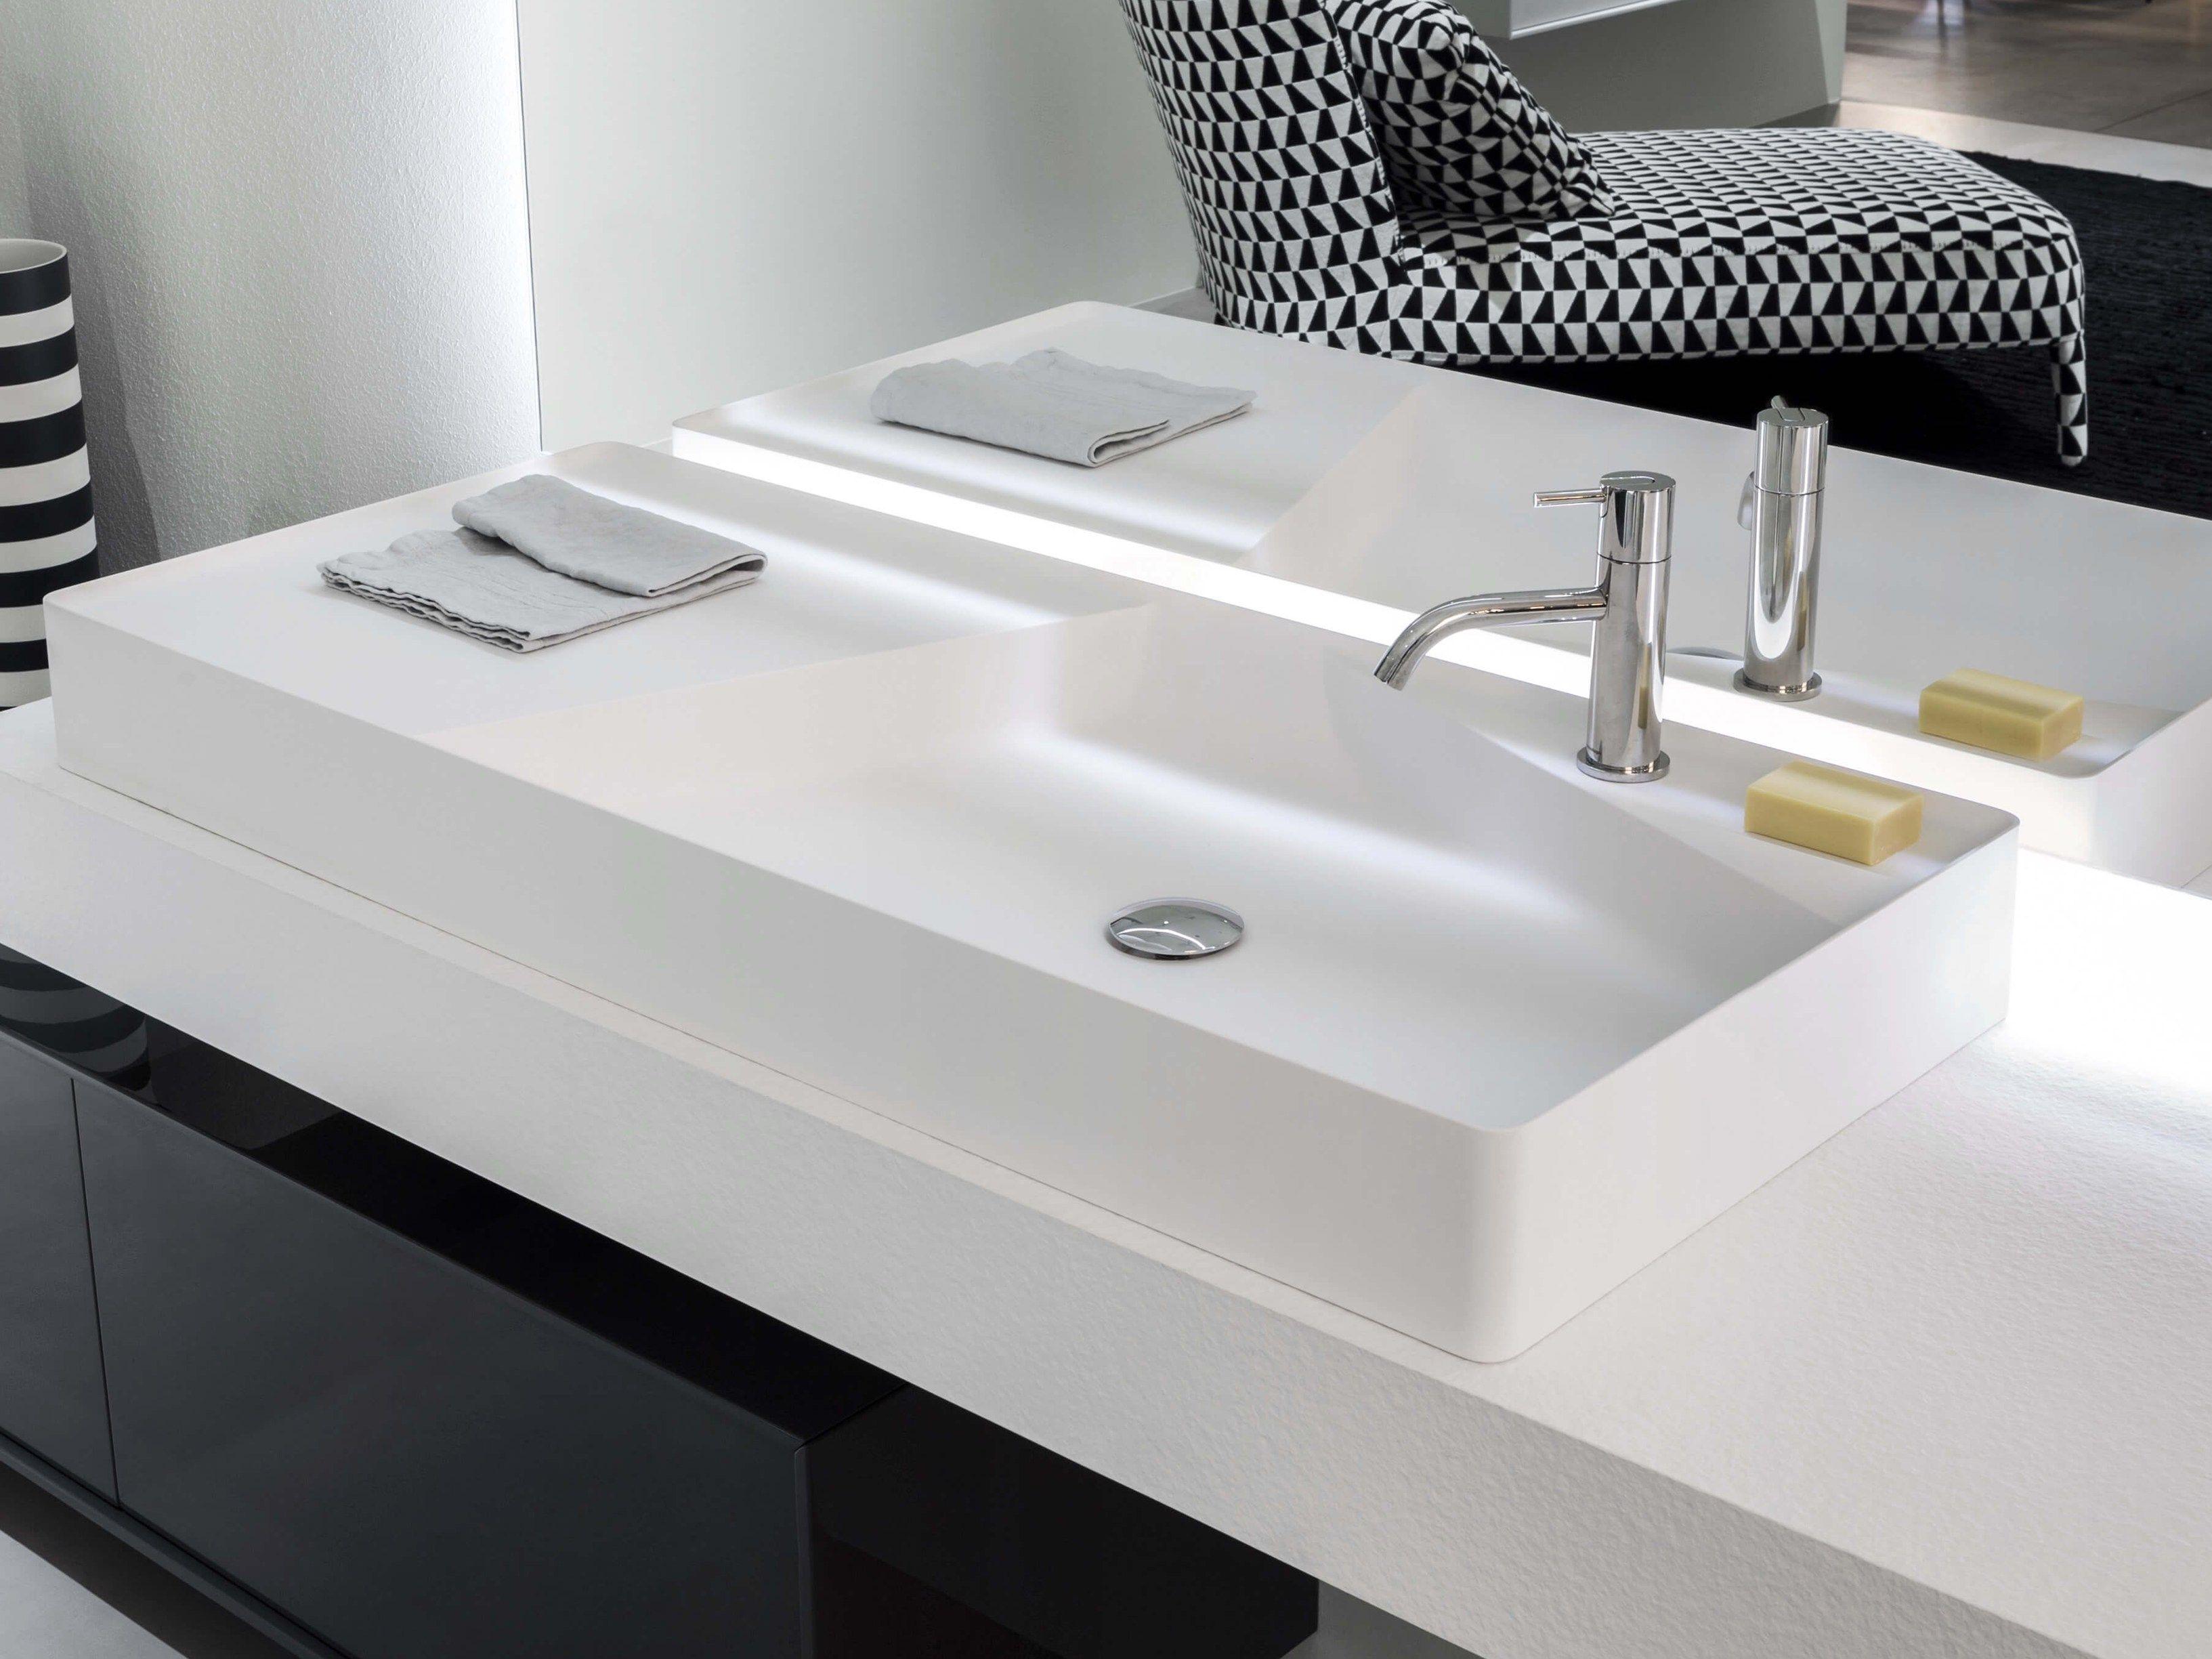 bagni antonio lupi ~ Comarg.com = Lussuoso Design del Bagno con ...